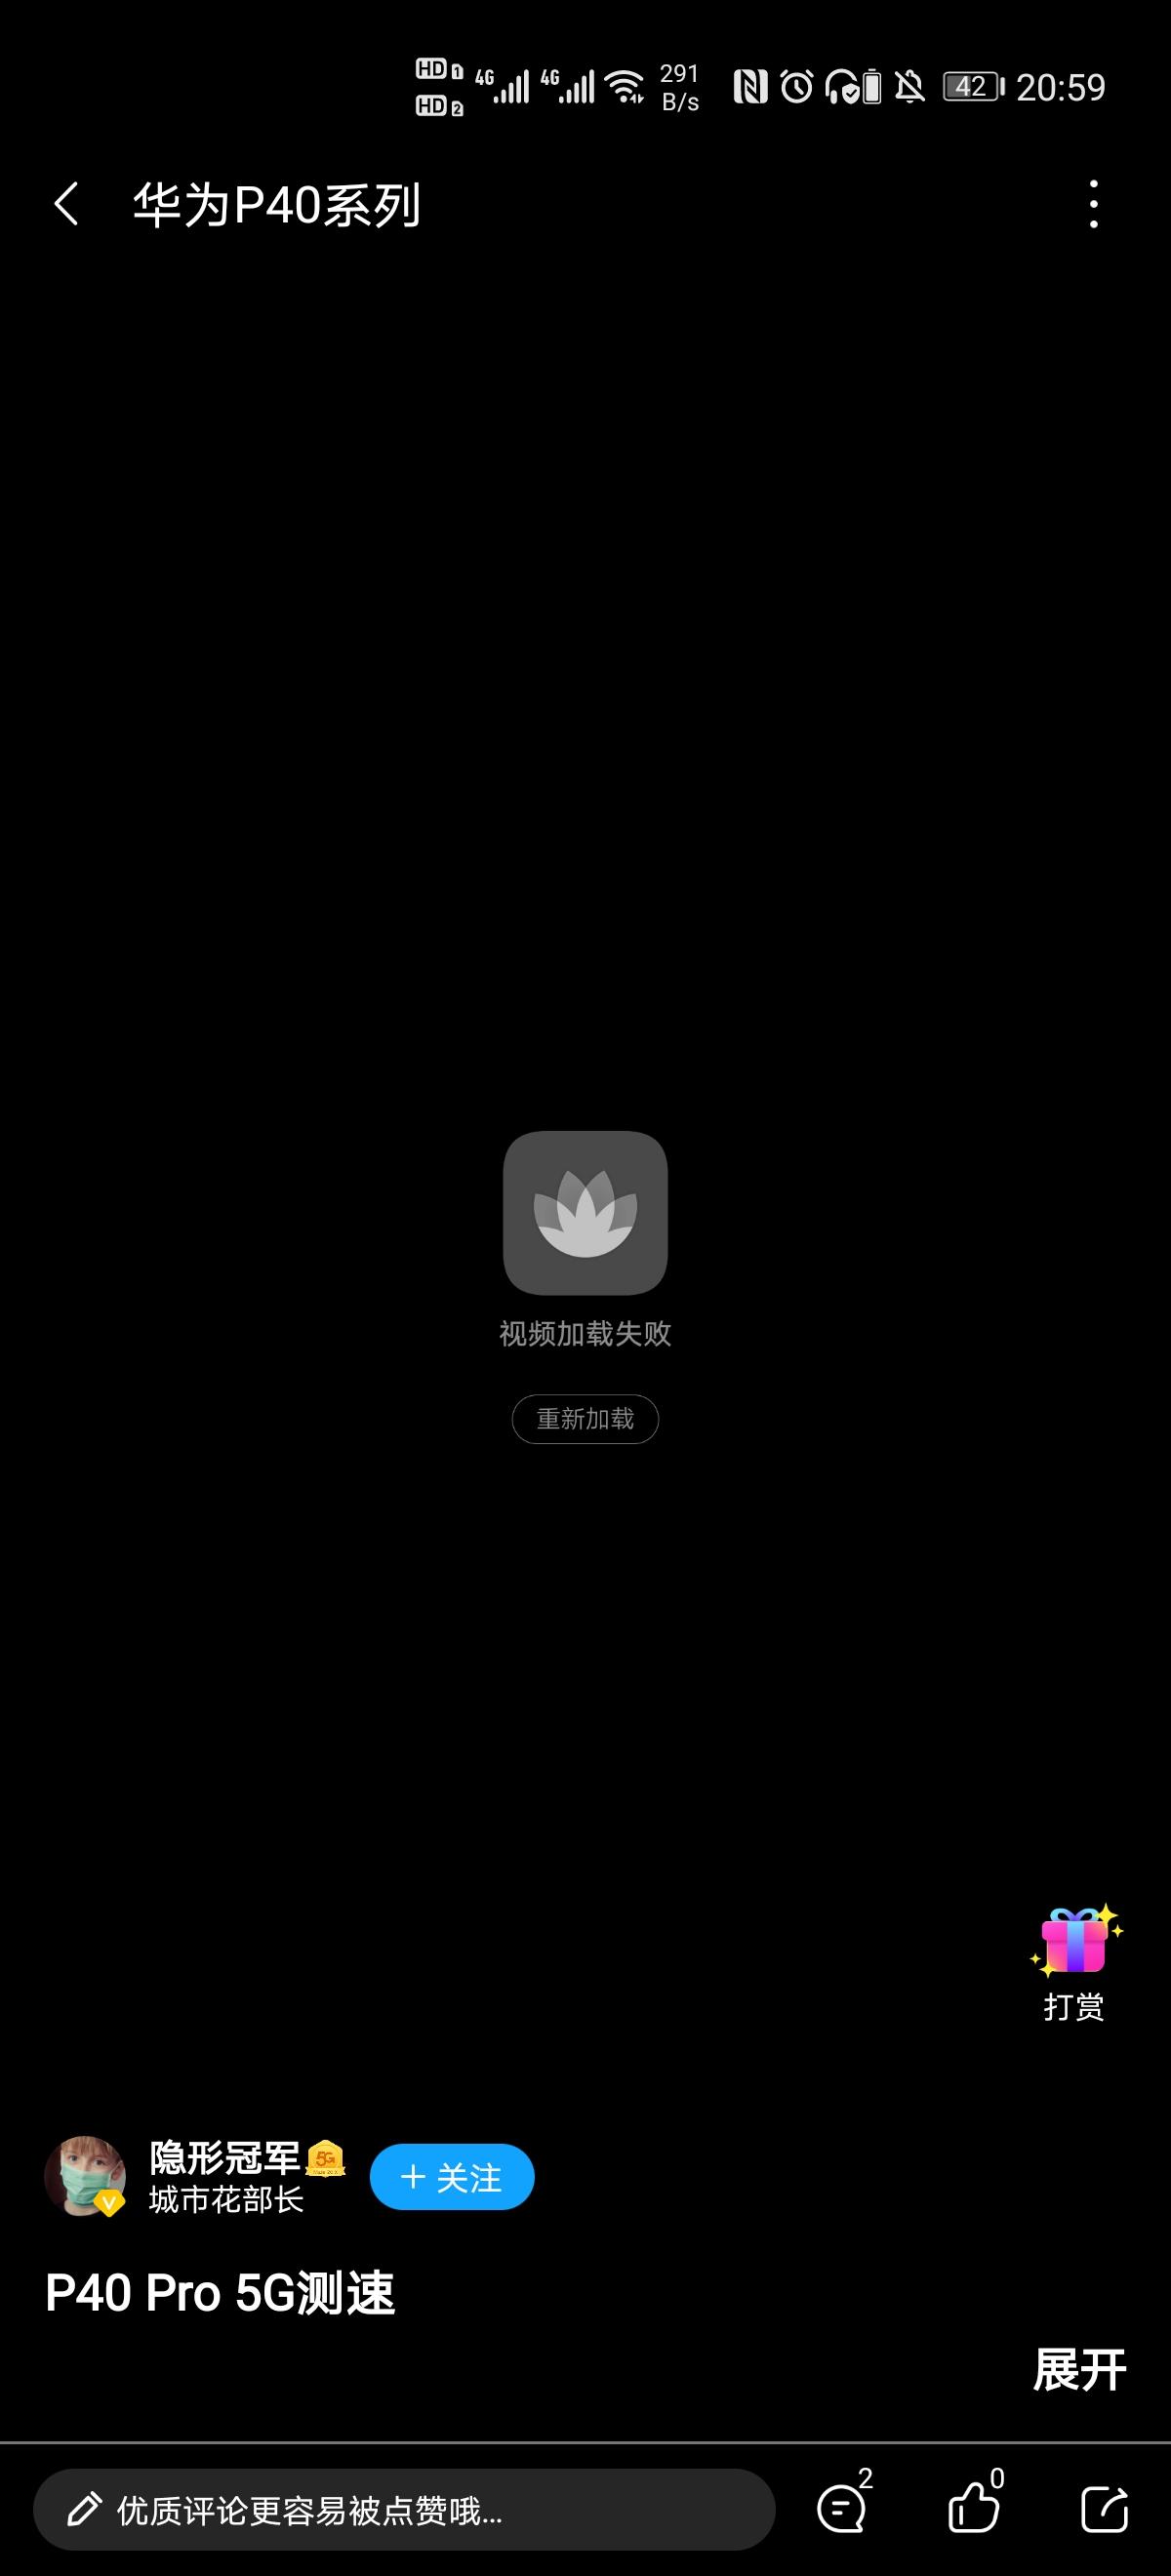 Screenshot_20200508_205928_com.huawei.fans.jpg